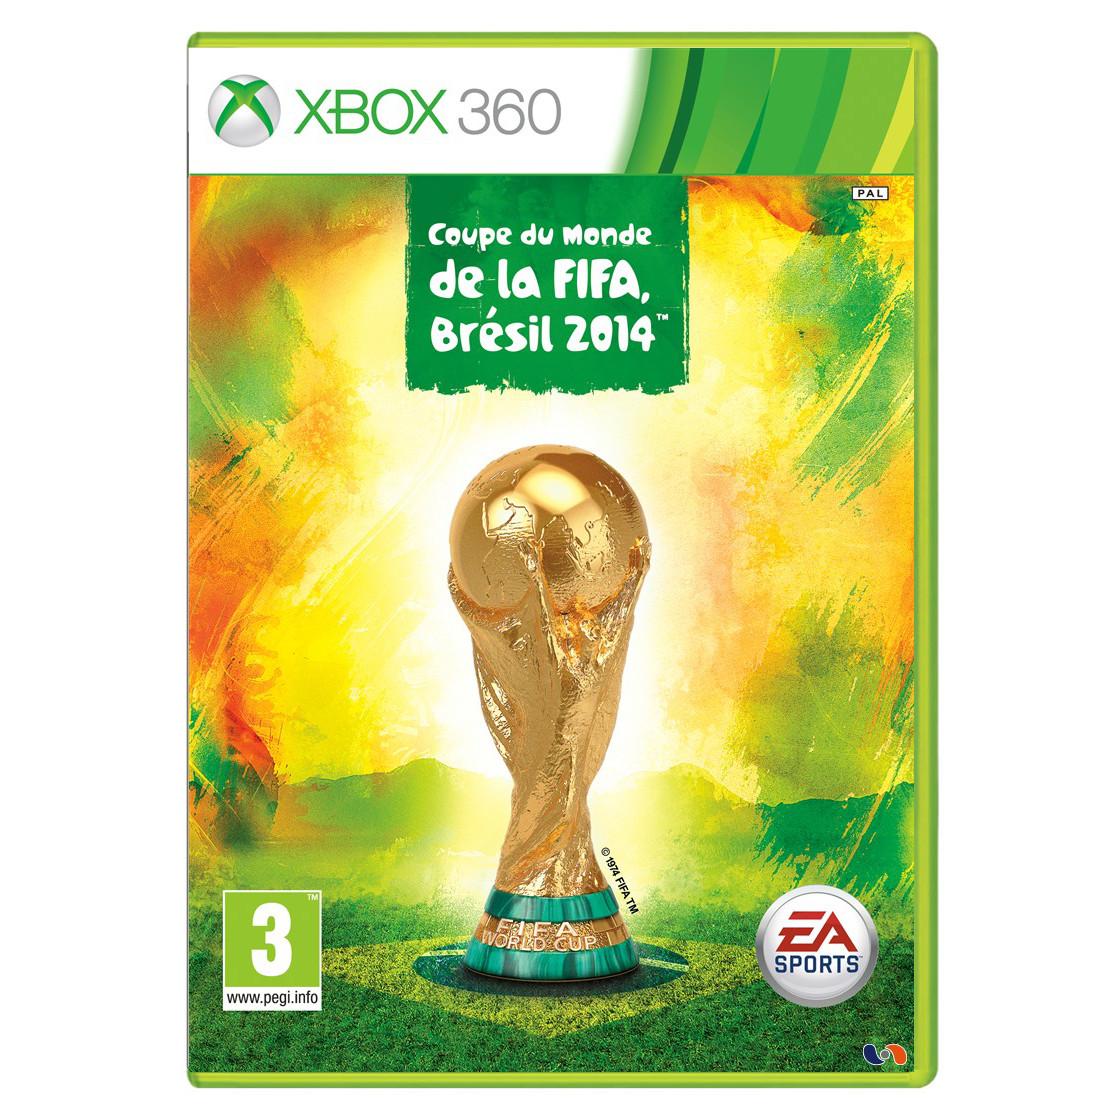 Coupe du monde de la fifa br sil 2014 xbox 360 ldlc - Coupe du monde de la fifa bresil 2014 ...